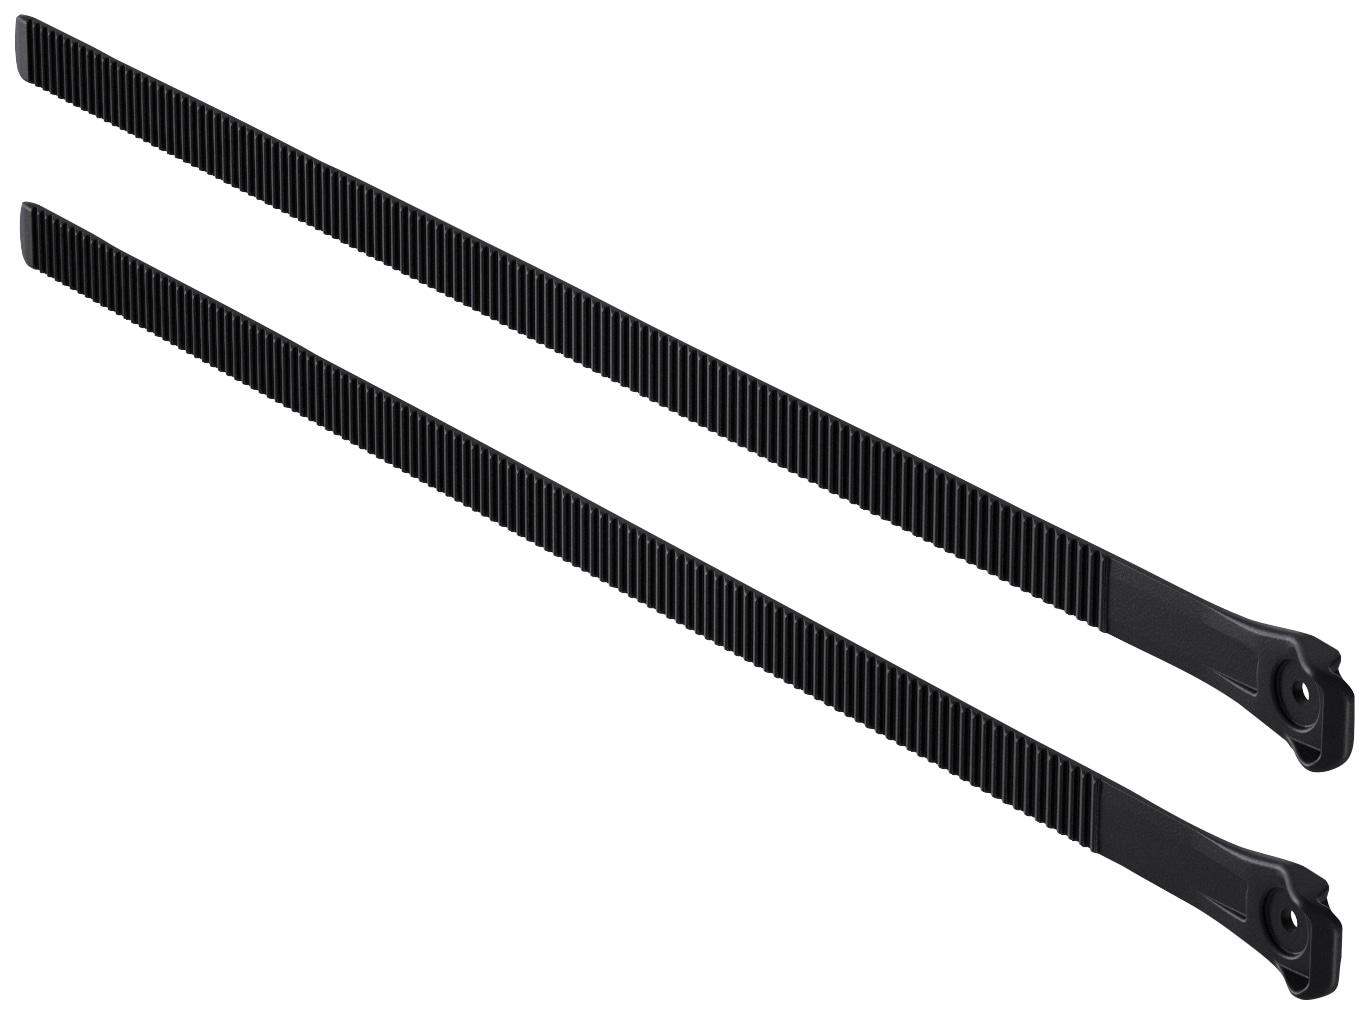 Thule Kupplungsfahrradträger XXL Fatbike Wheel Straps schwarz Fahrradträger Autozubehör Reifen